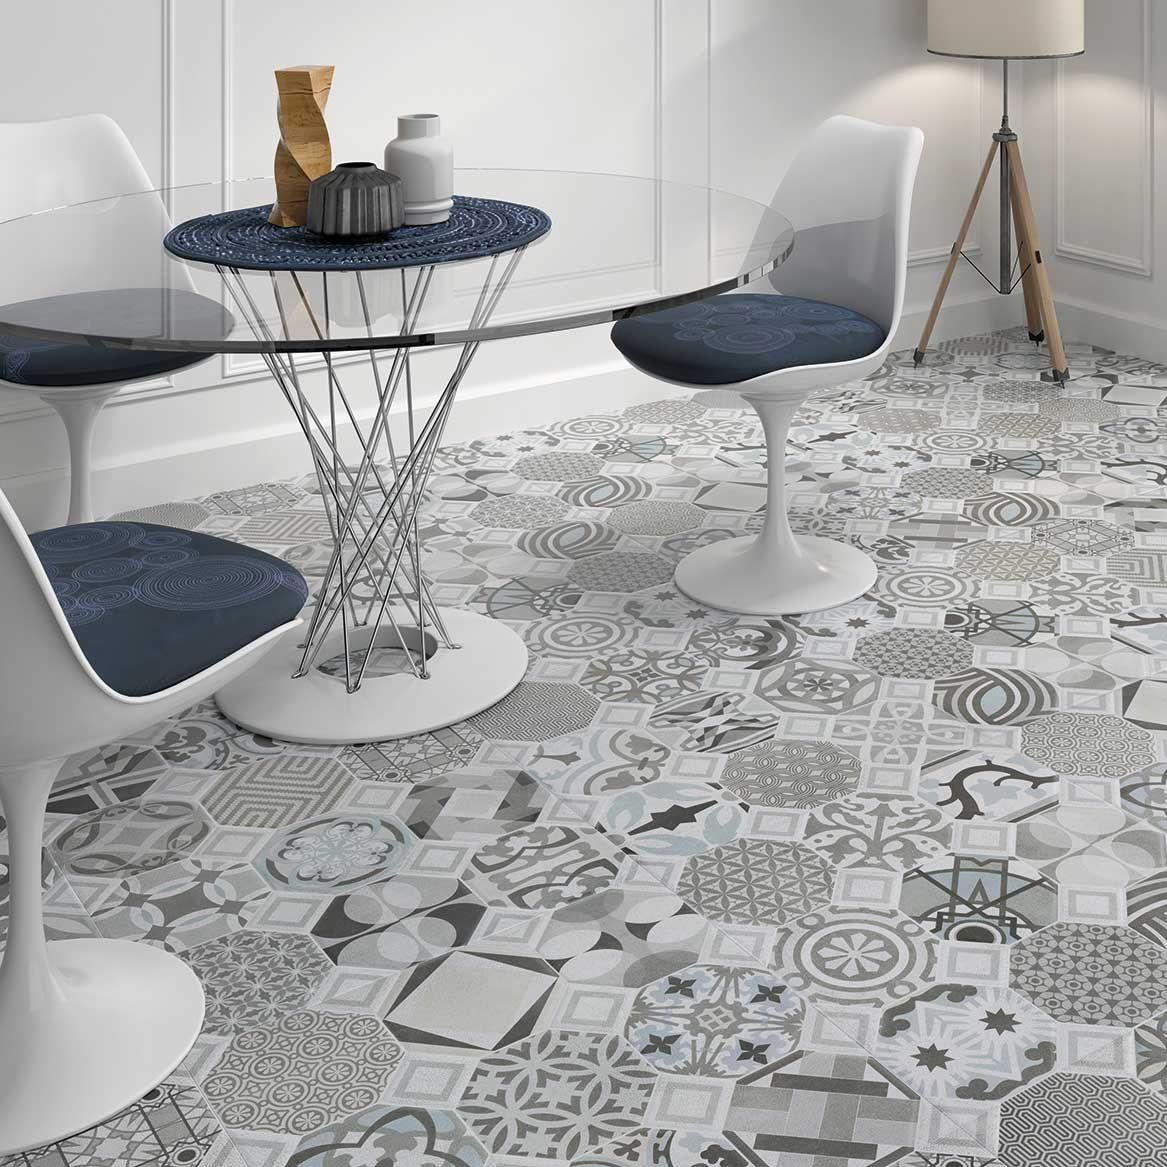 BlueGrey Patterned Floor Tiles Geotiles Flow Victorian